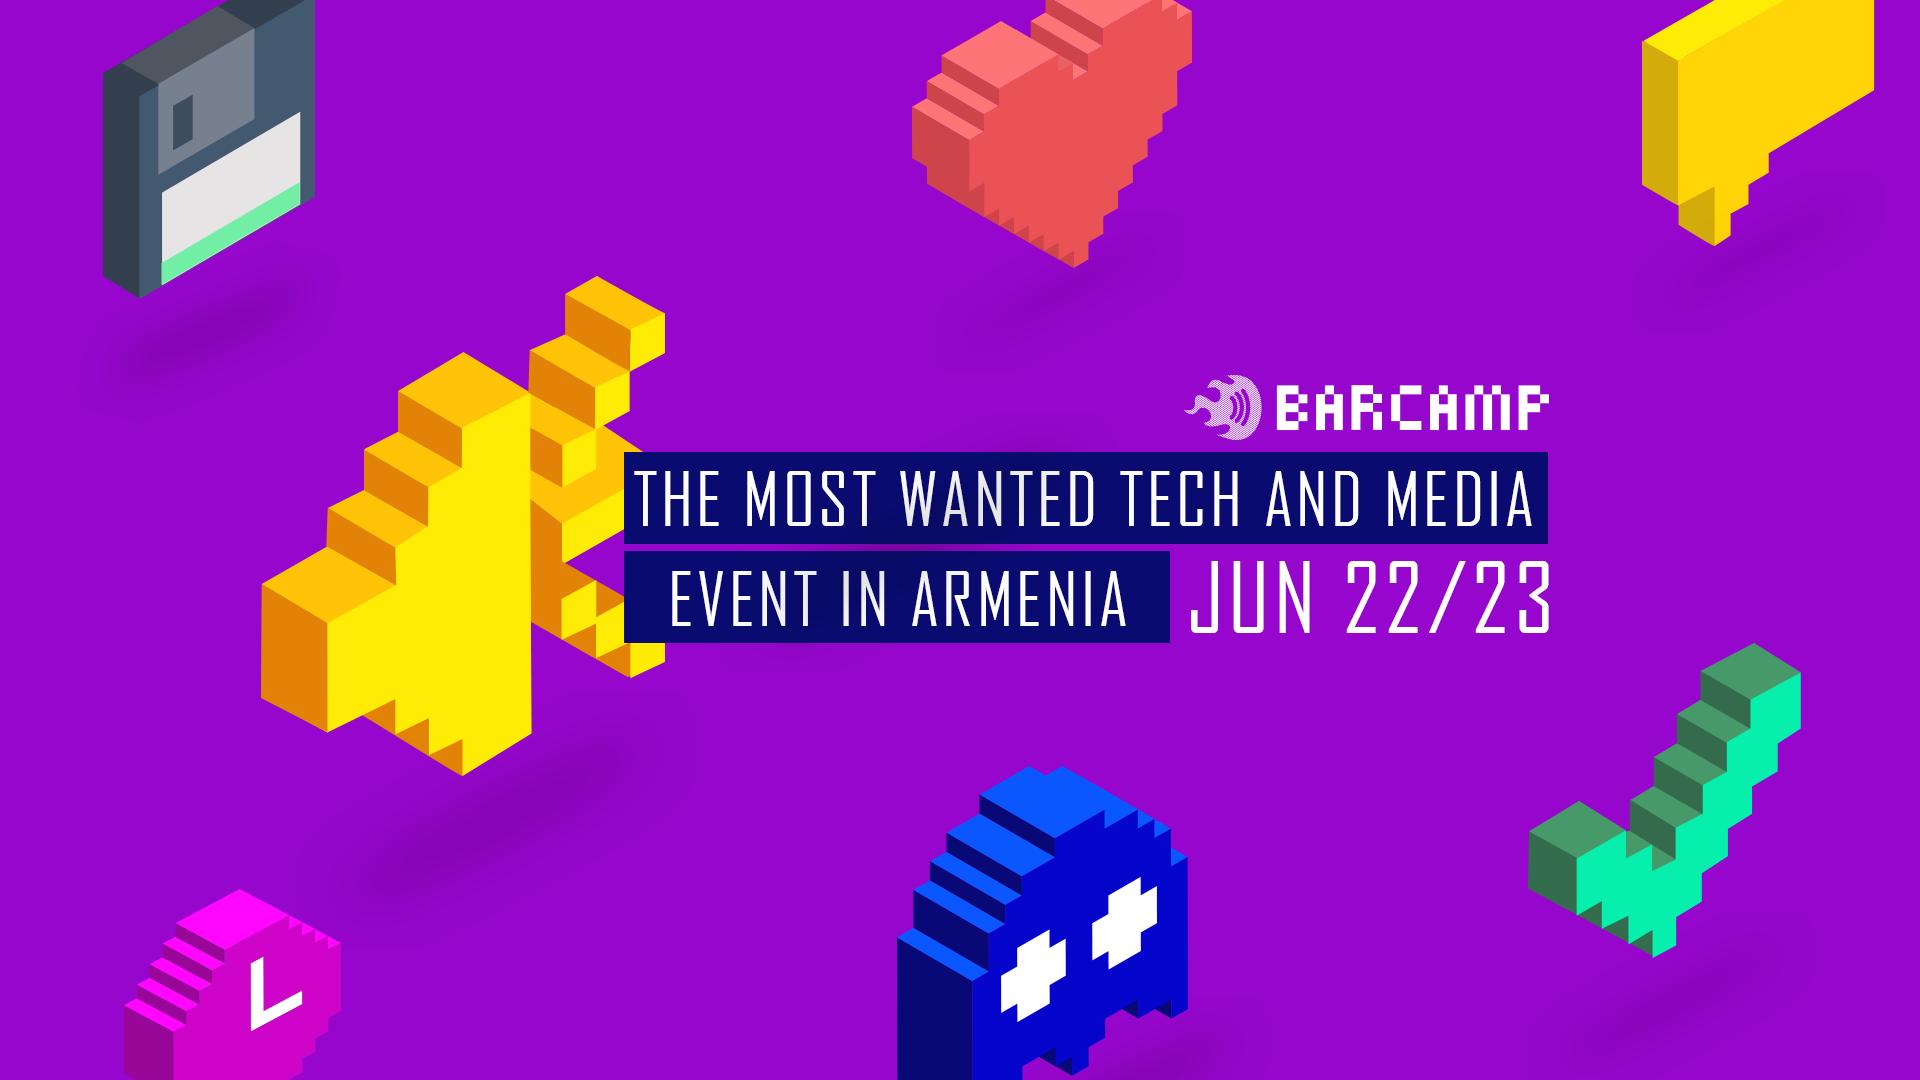 Կայացավ BarCamp 11-րդ չկոնֆերանսը